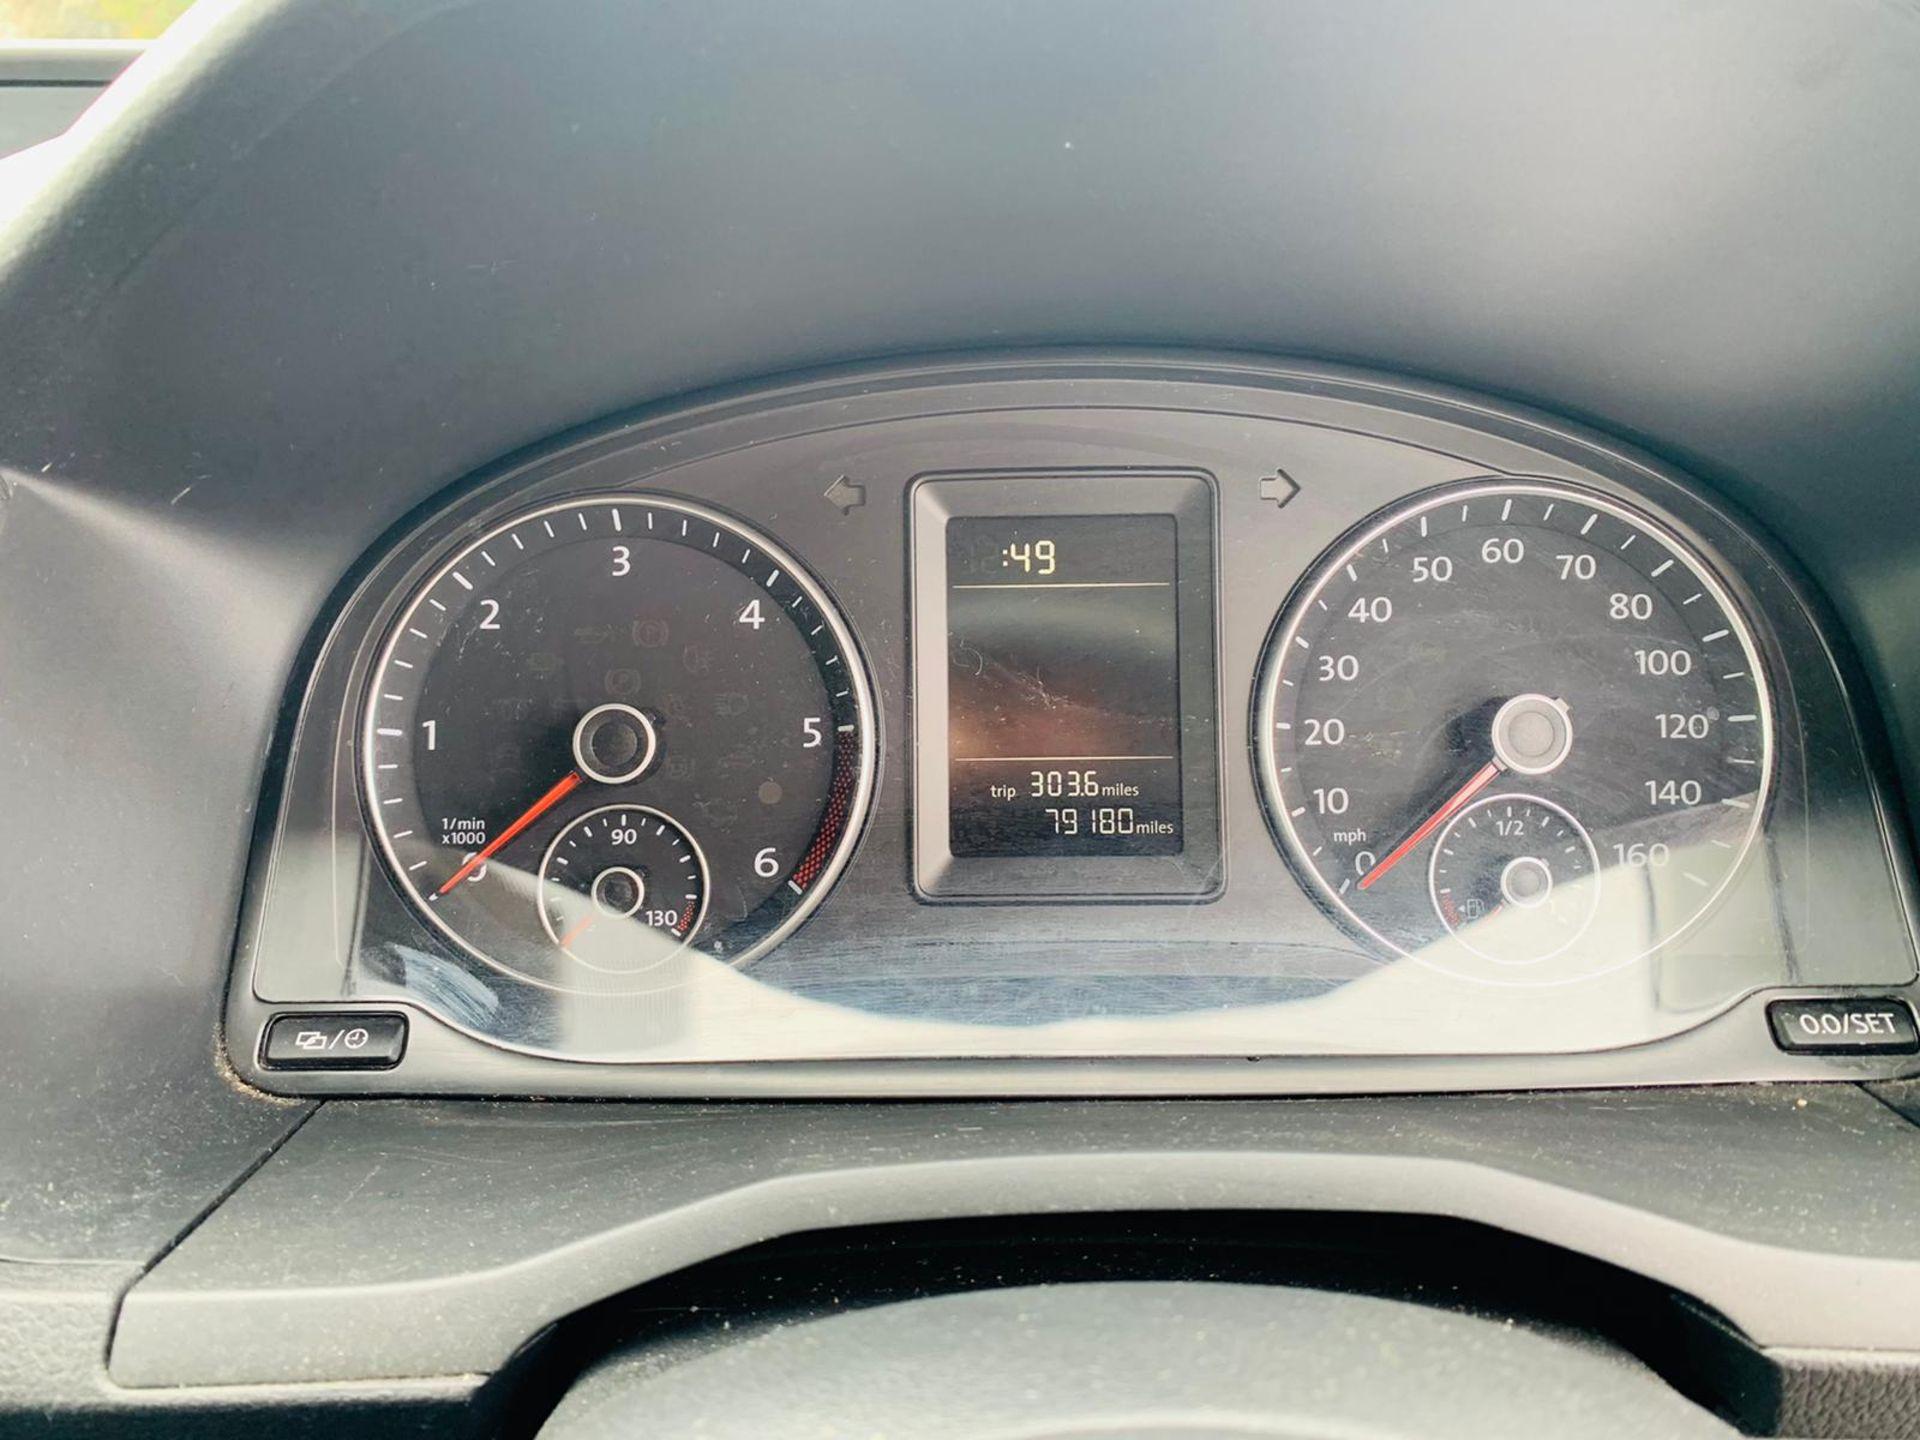 (RESERVE MET)Volkswagen (VW) Caddy 2.0 TDI C20 Startline - 2017 17 Reg - Euro 6 - ULEZ Compliant - - Image 20 of 20